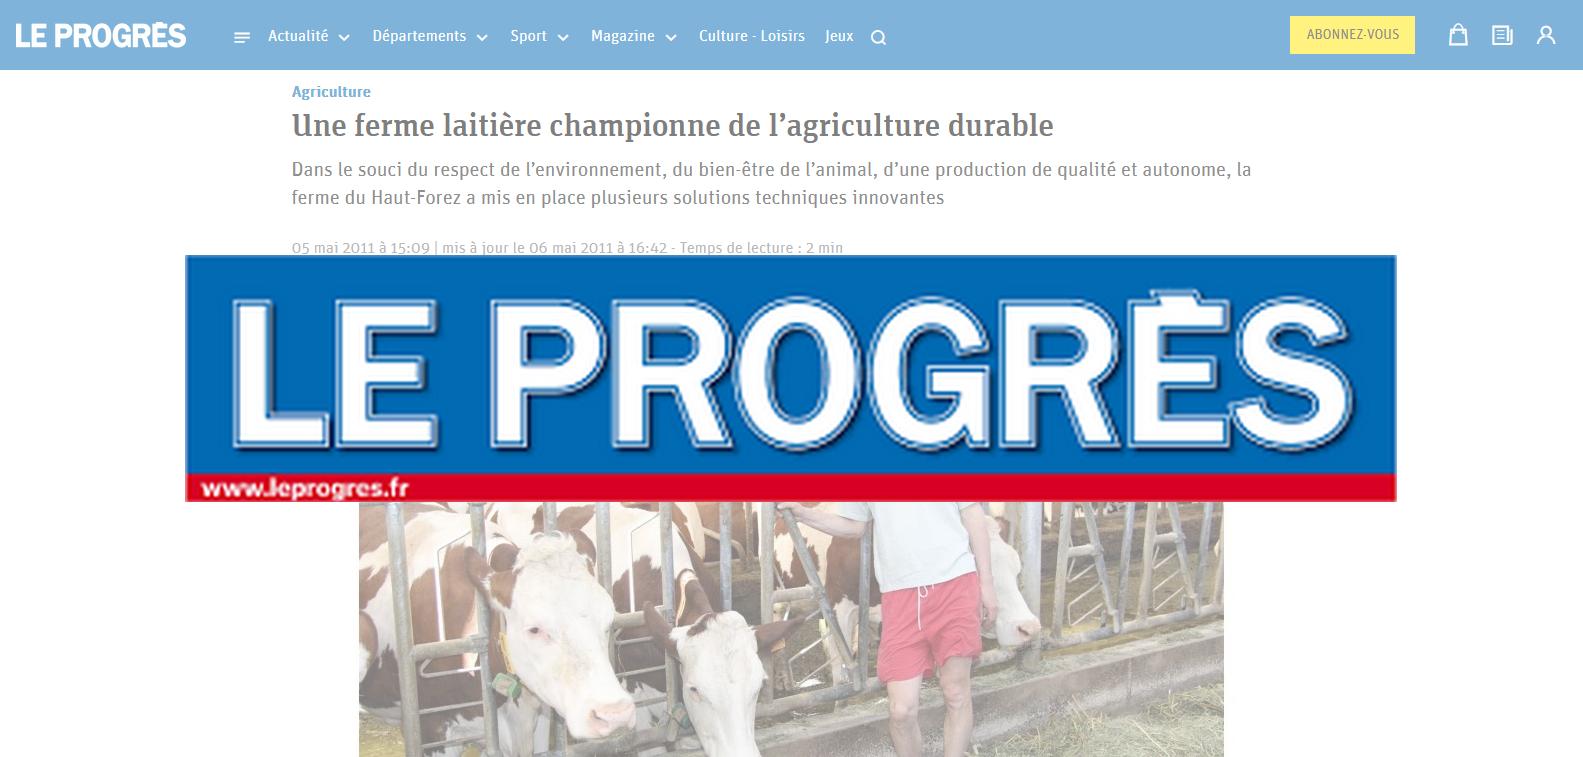 Le Progrès , article du 05/11/2011